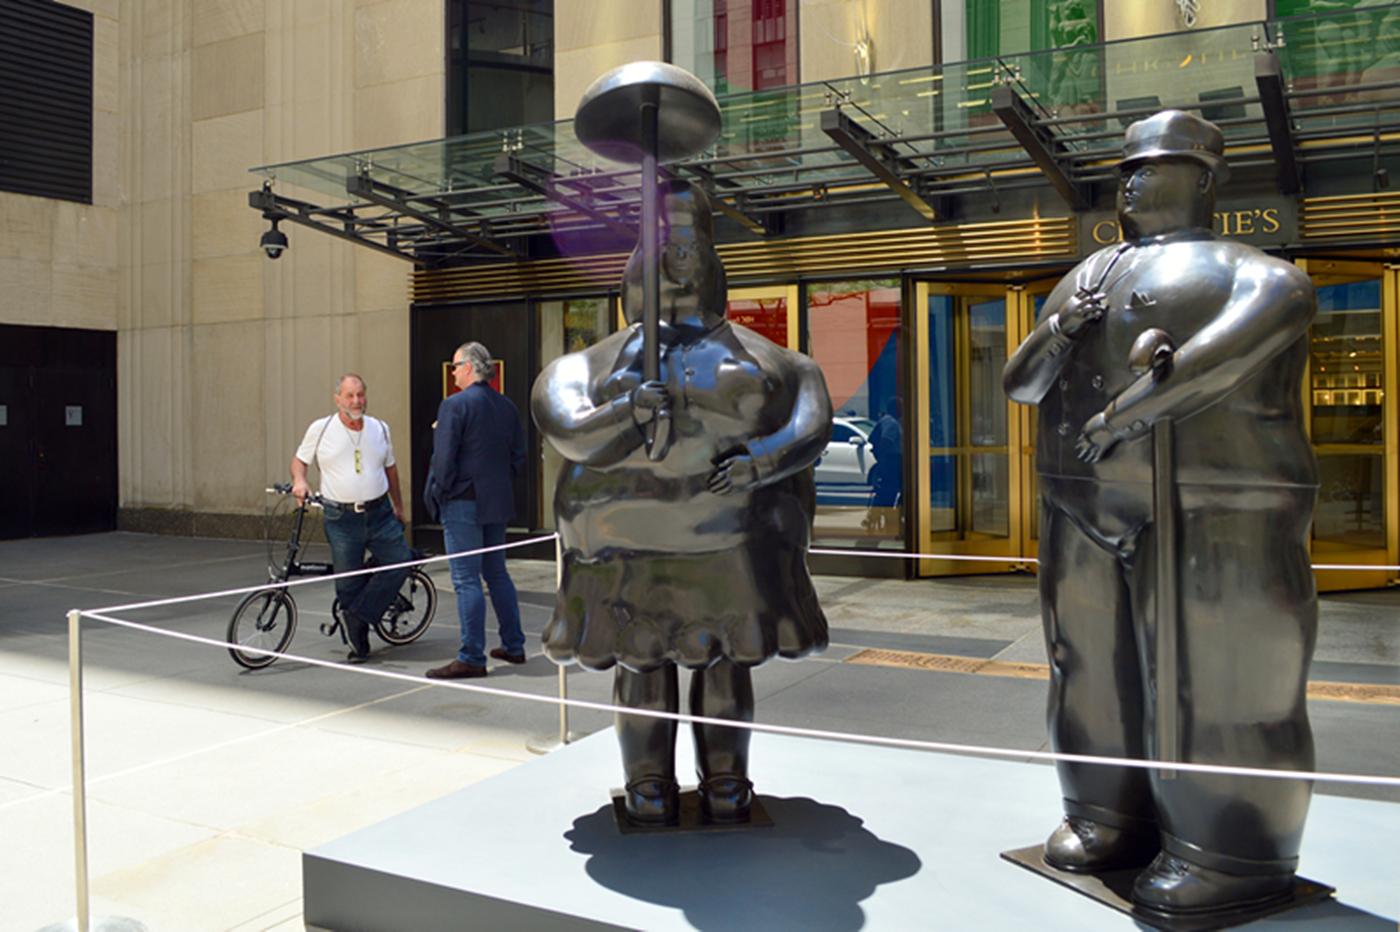 纽约,街头、巷尾、坊间(一)_图1-4